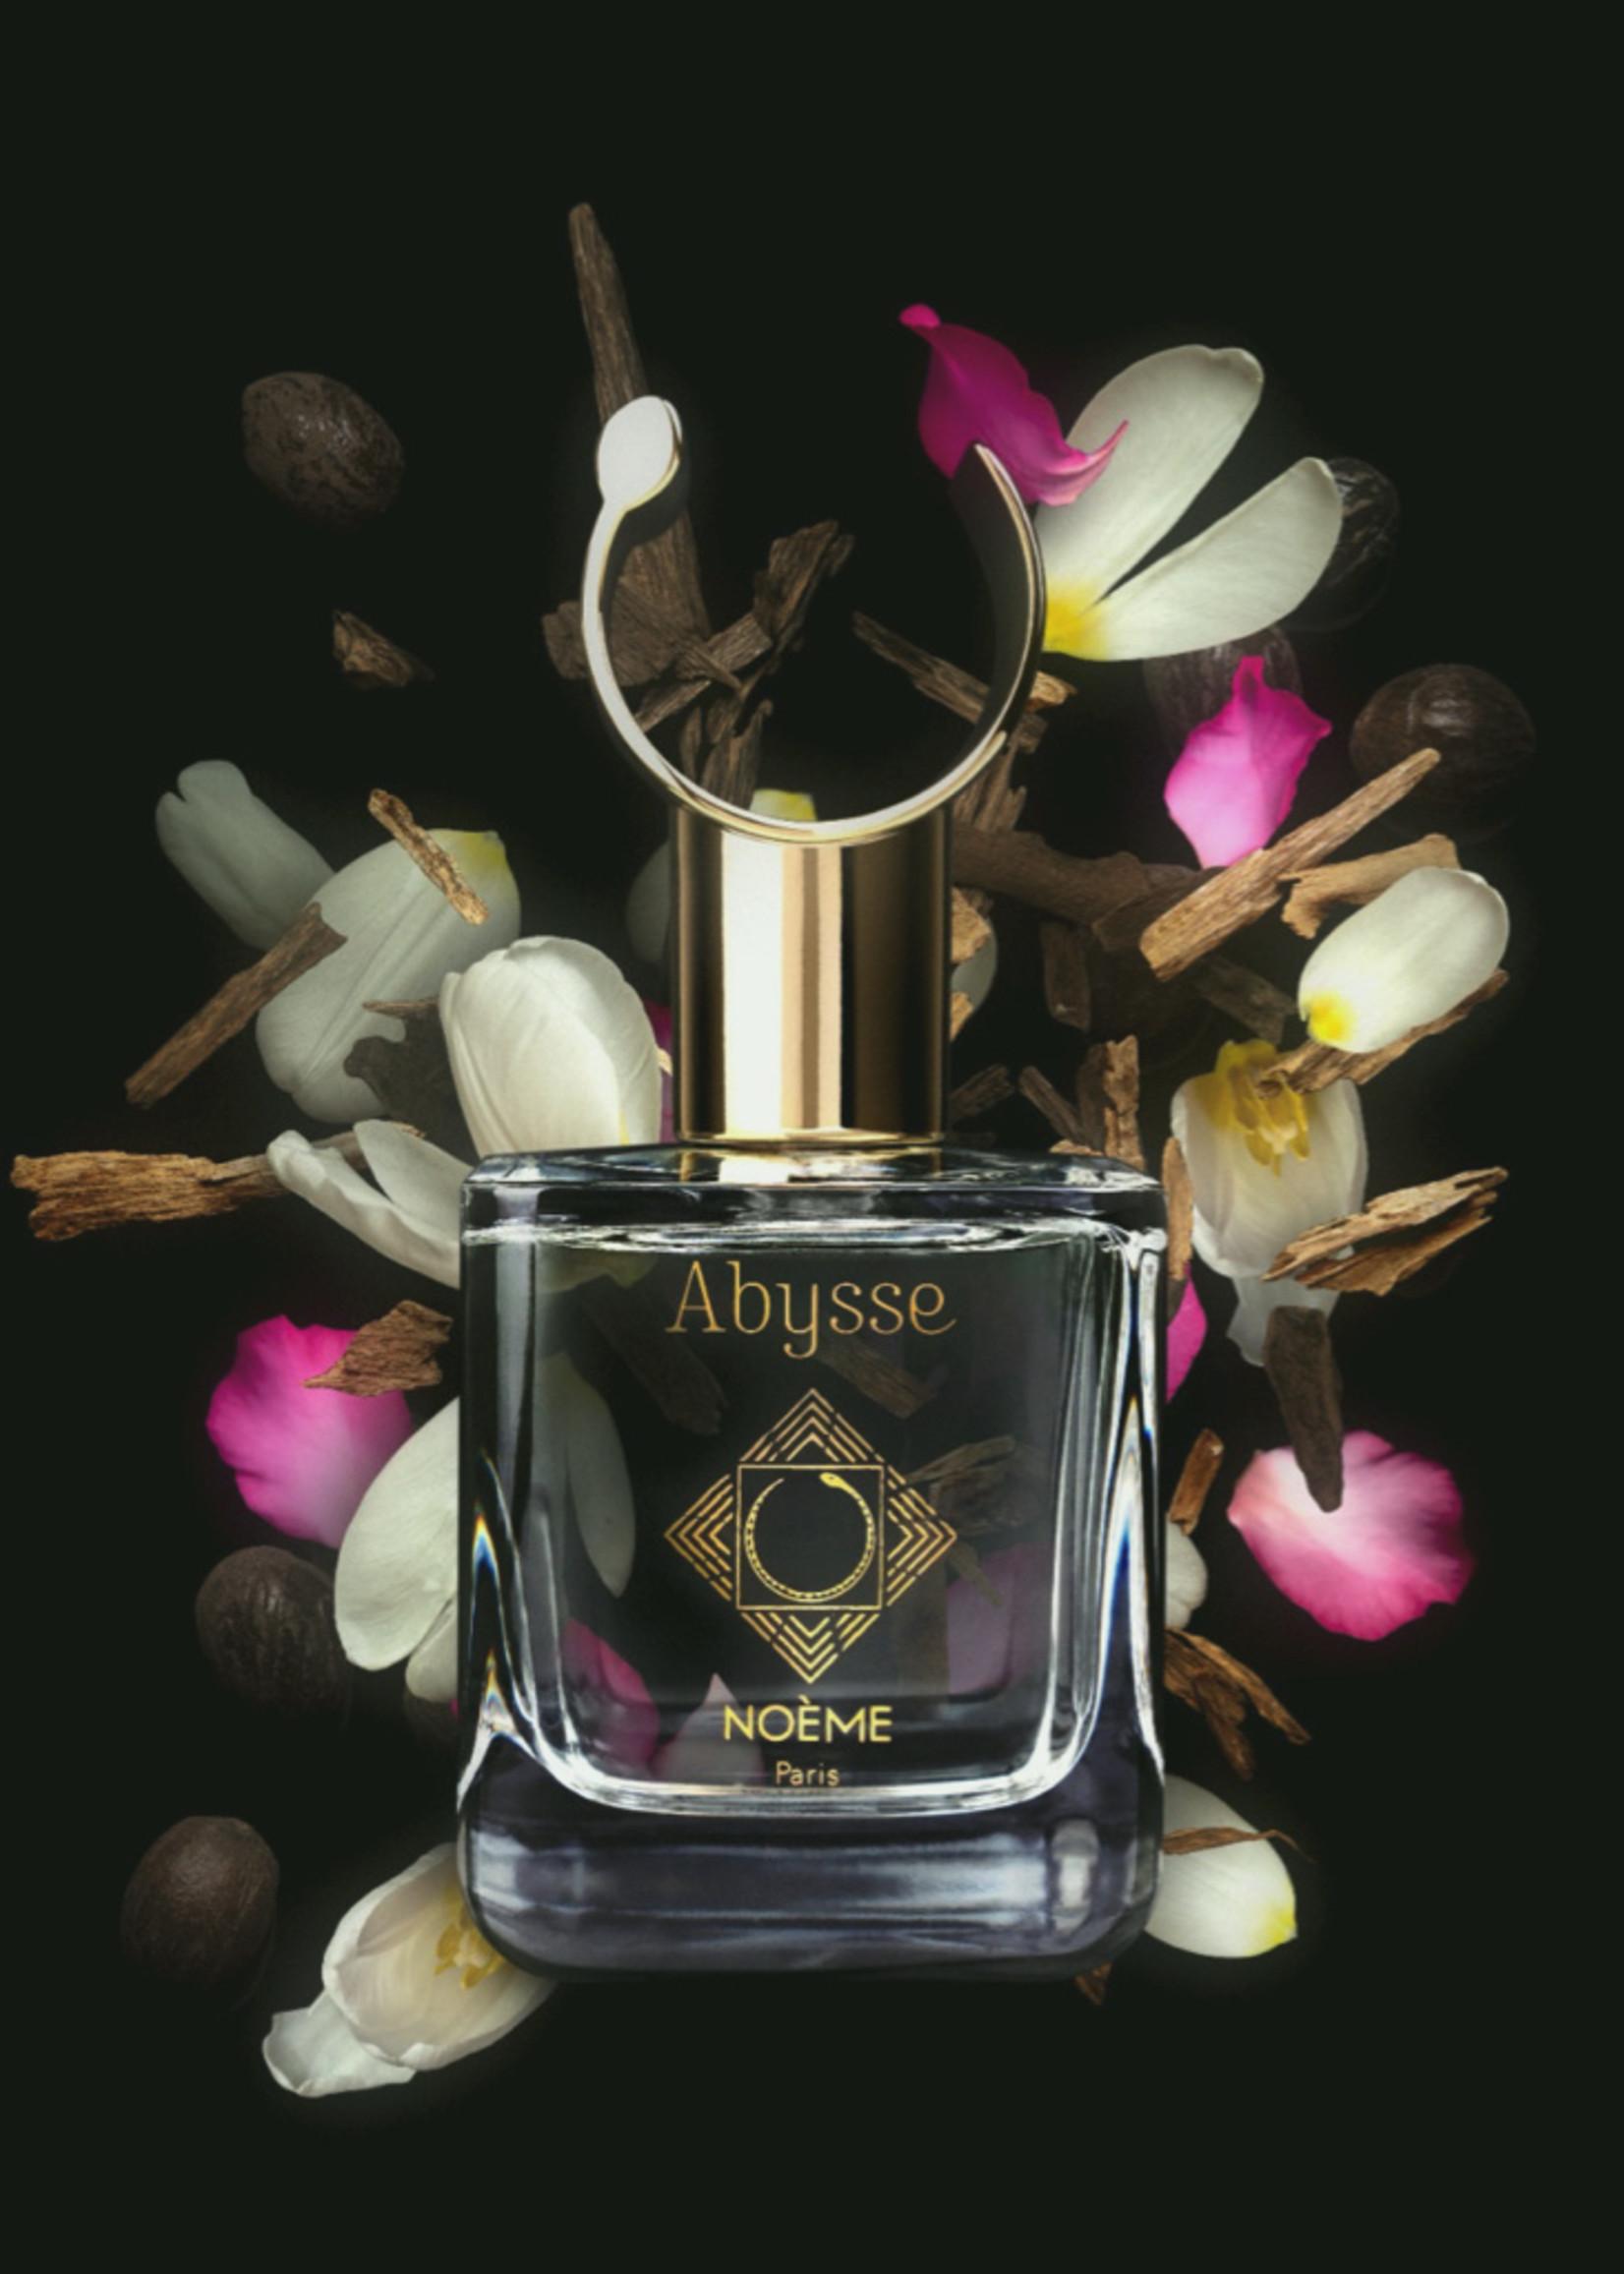 Noème Noème - Abysse - Eau de Parfum